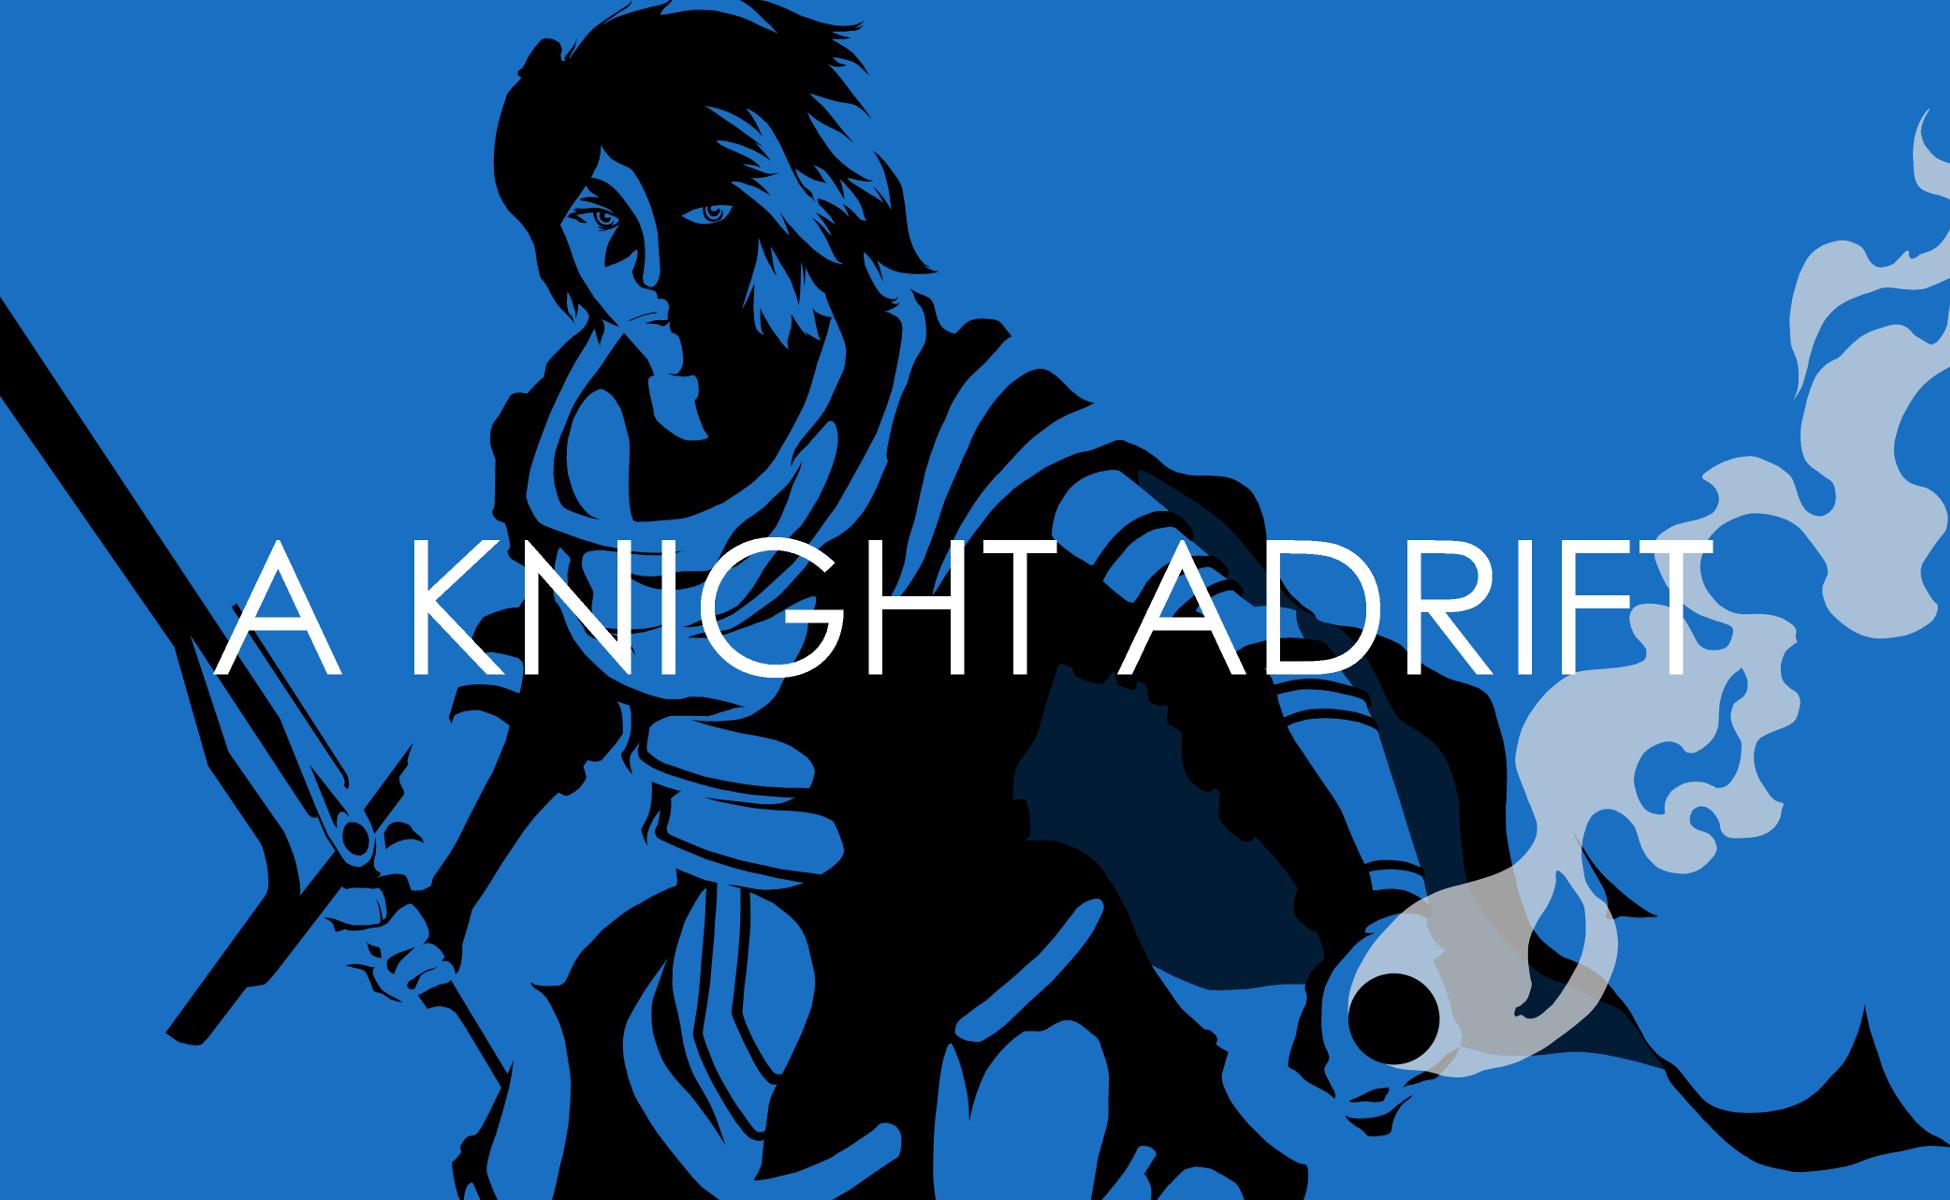 A Knight Adrift Wallpaper - Devin McKernan